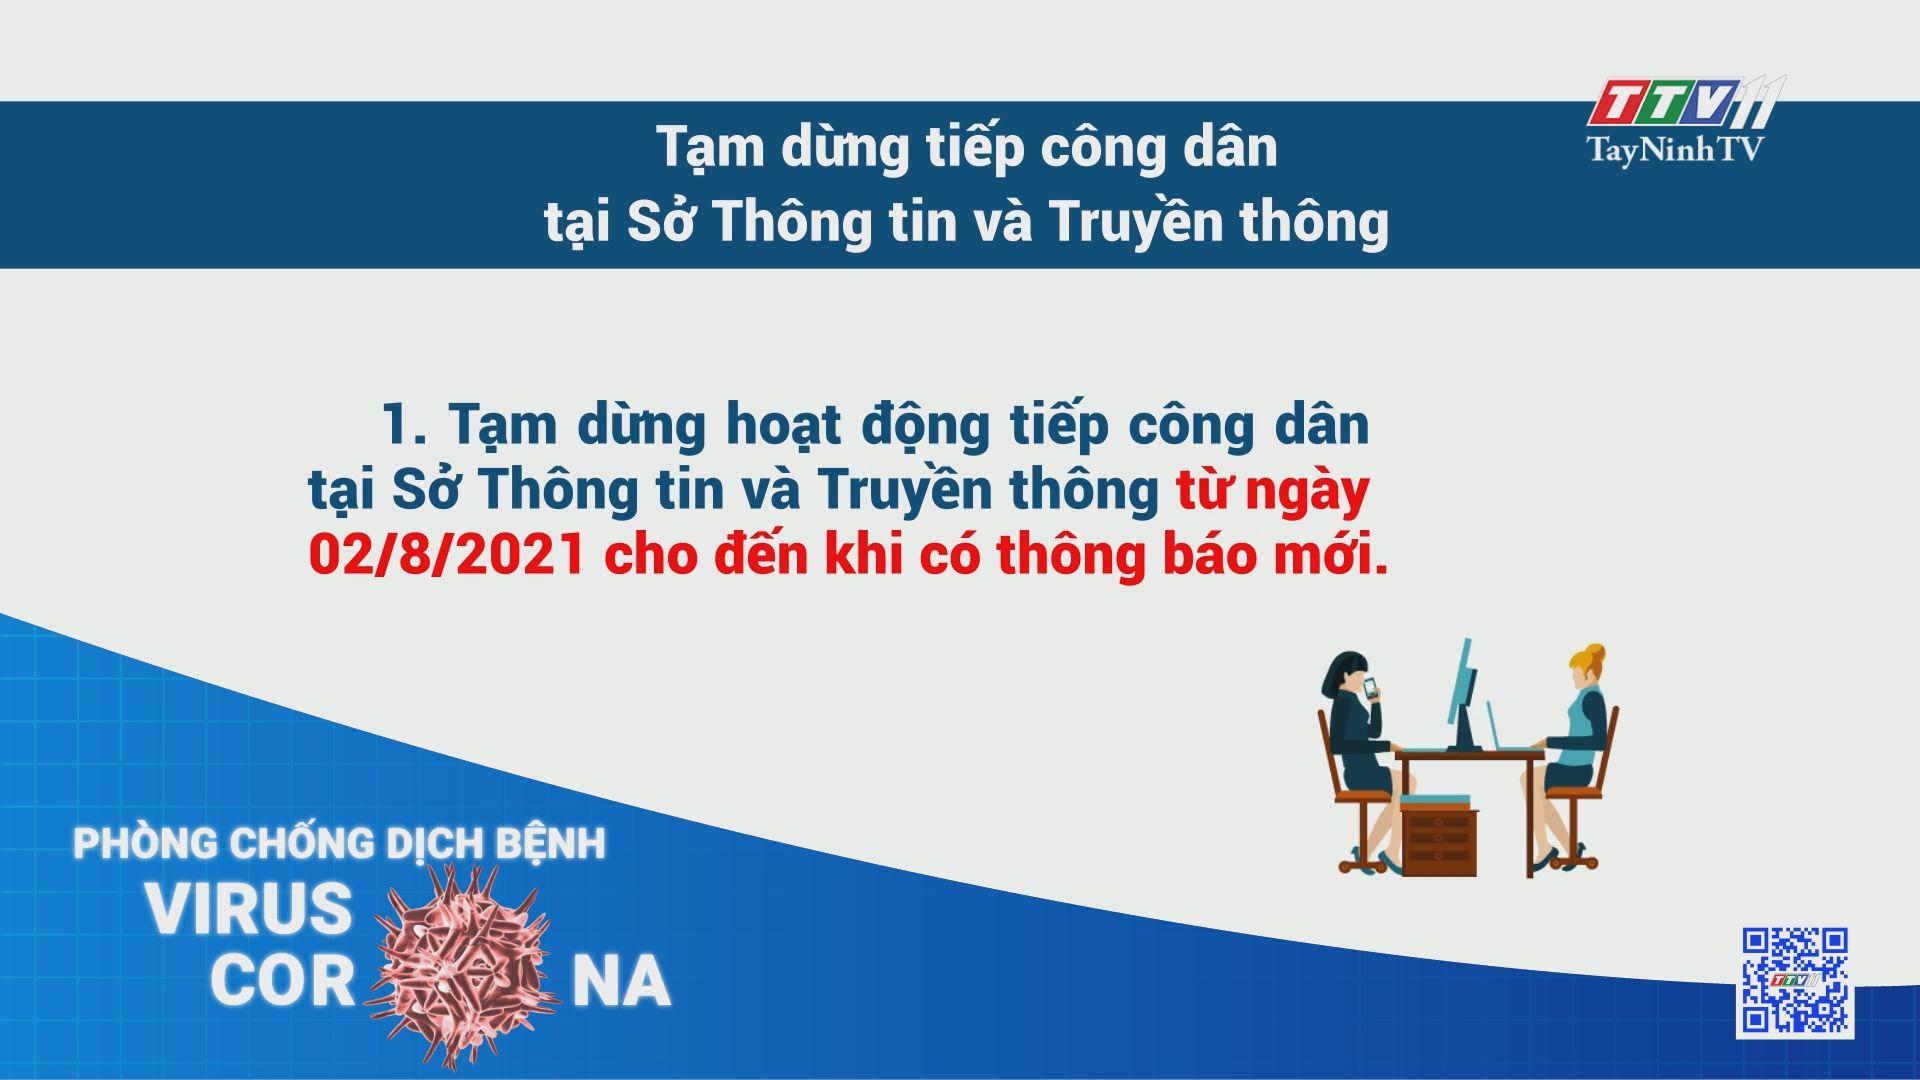 Tạm dừng tiếp công dân tại Sở Thông tin và Truyền thông | THÔNG TIN DỊCH COVID-19 | TayNinhTV